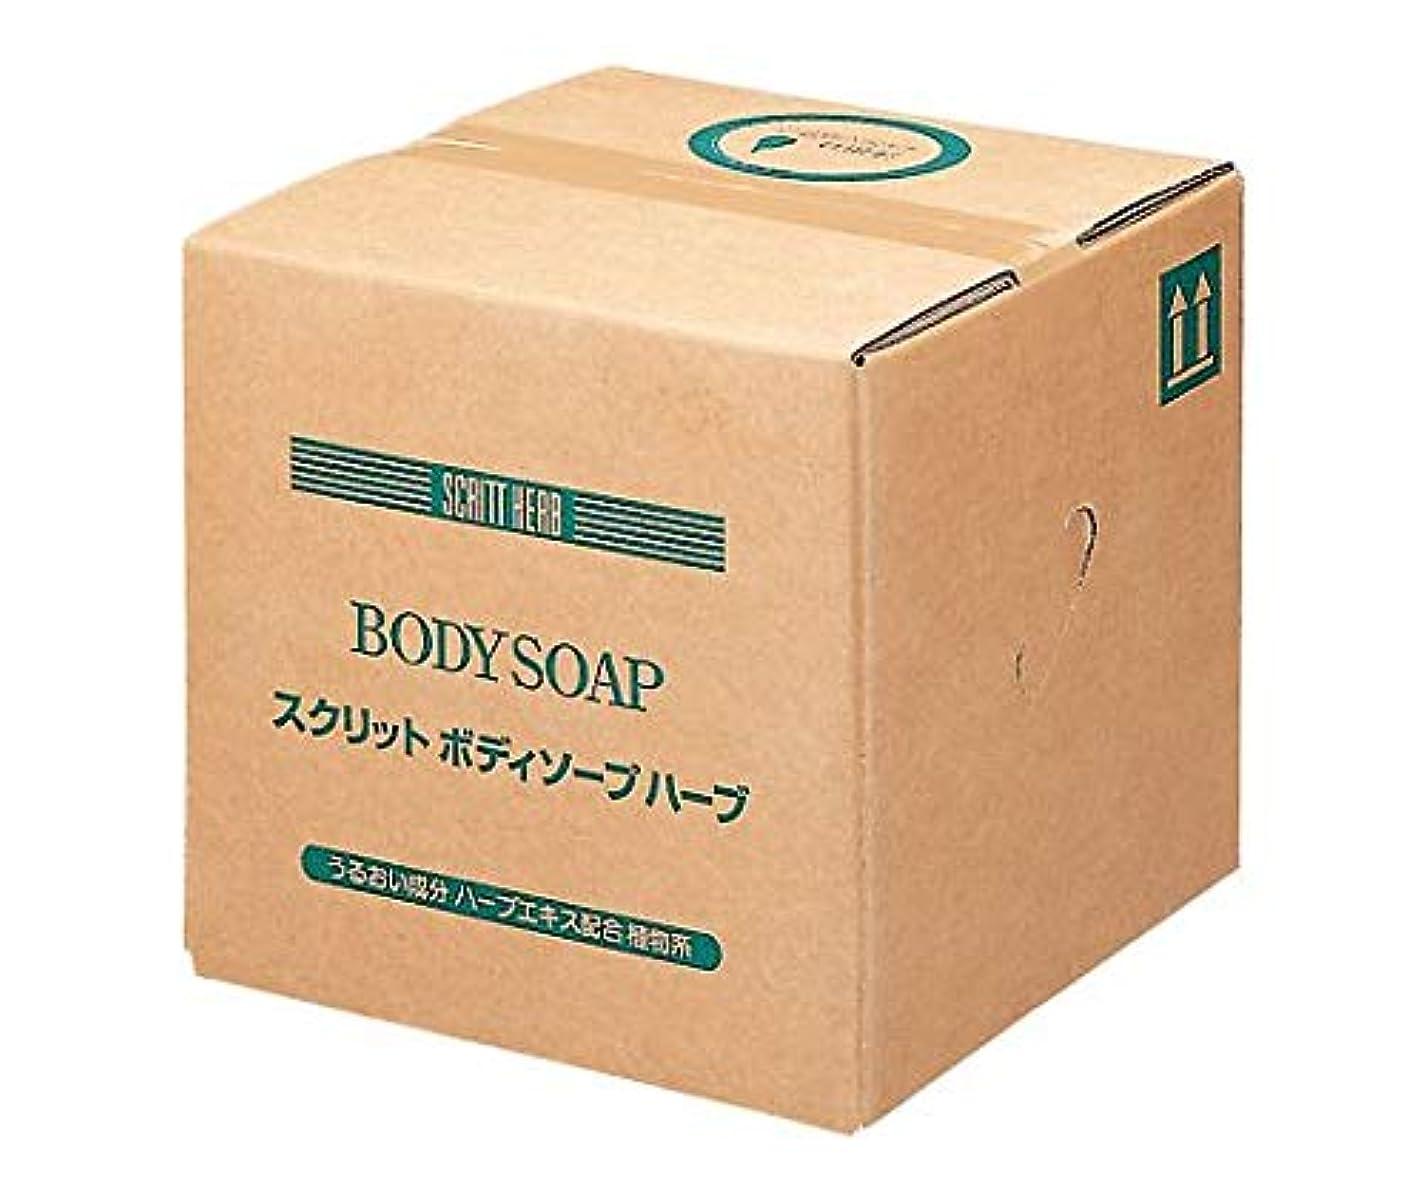 特性落ち着いて音節熊野油脂 業務用 SCRITT(スクリット) ボデイソ-プ 18L